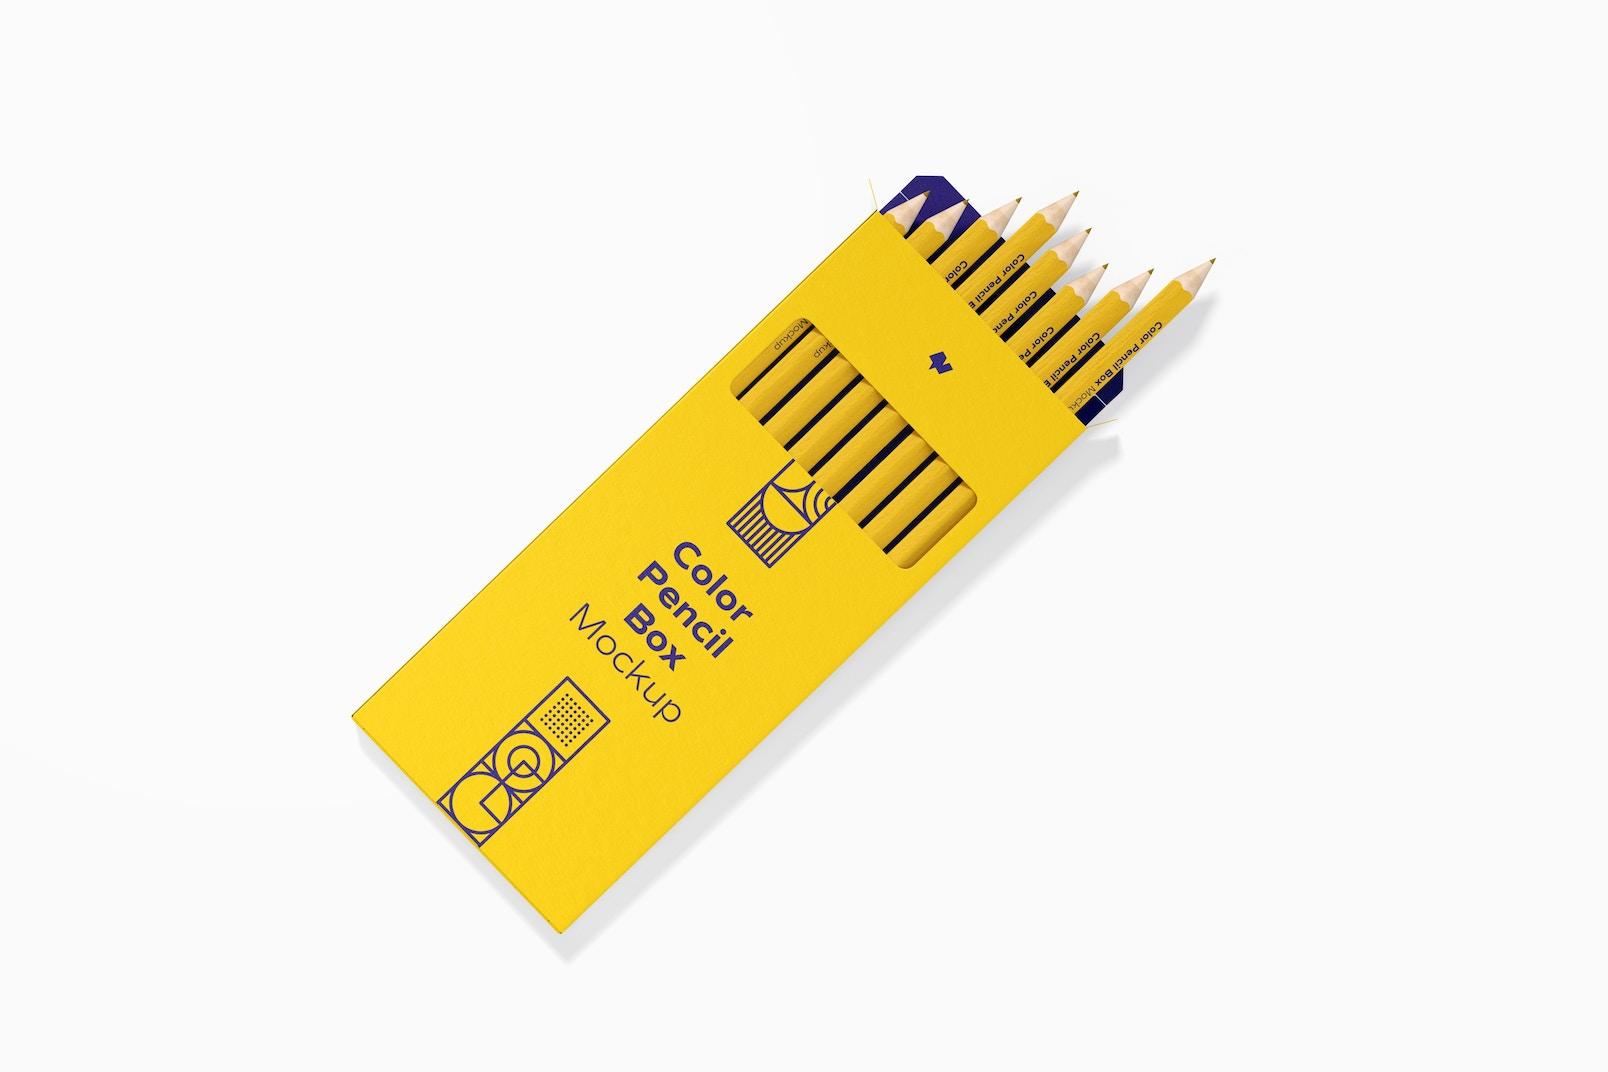 Color Pencil Box Mockup, Top View